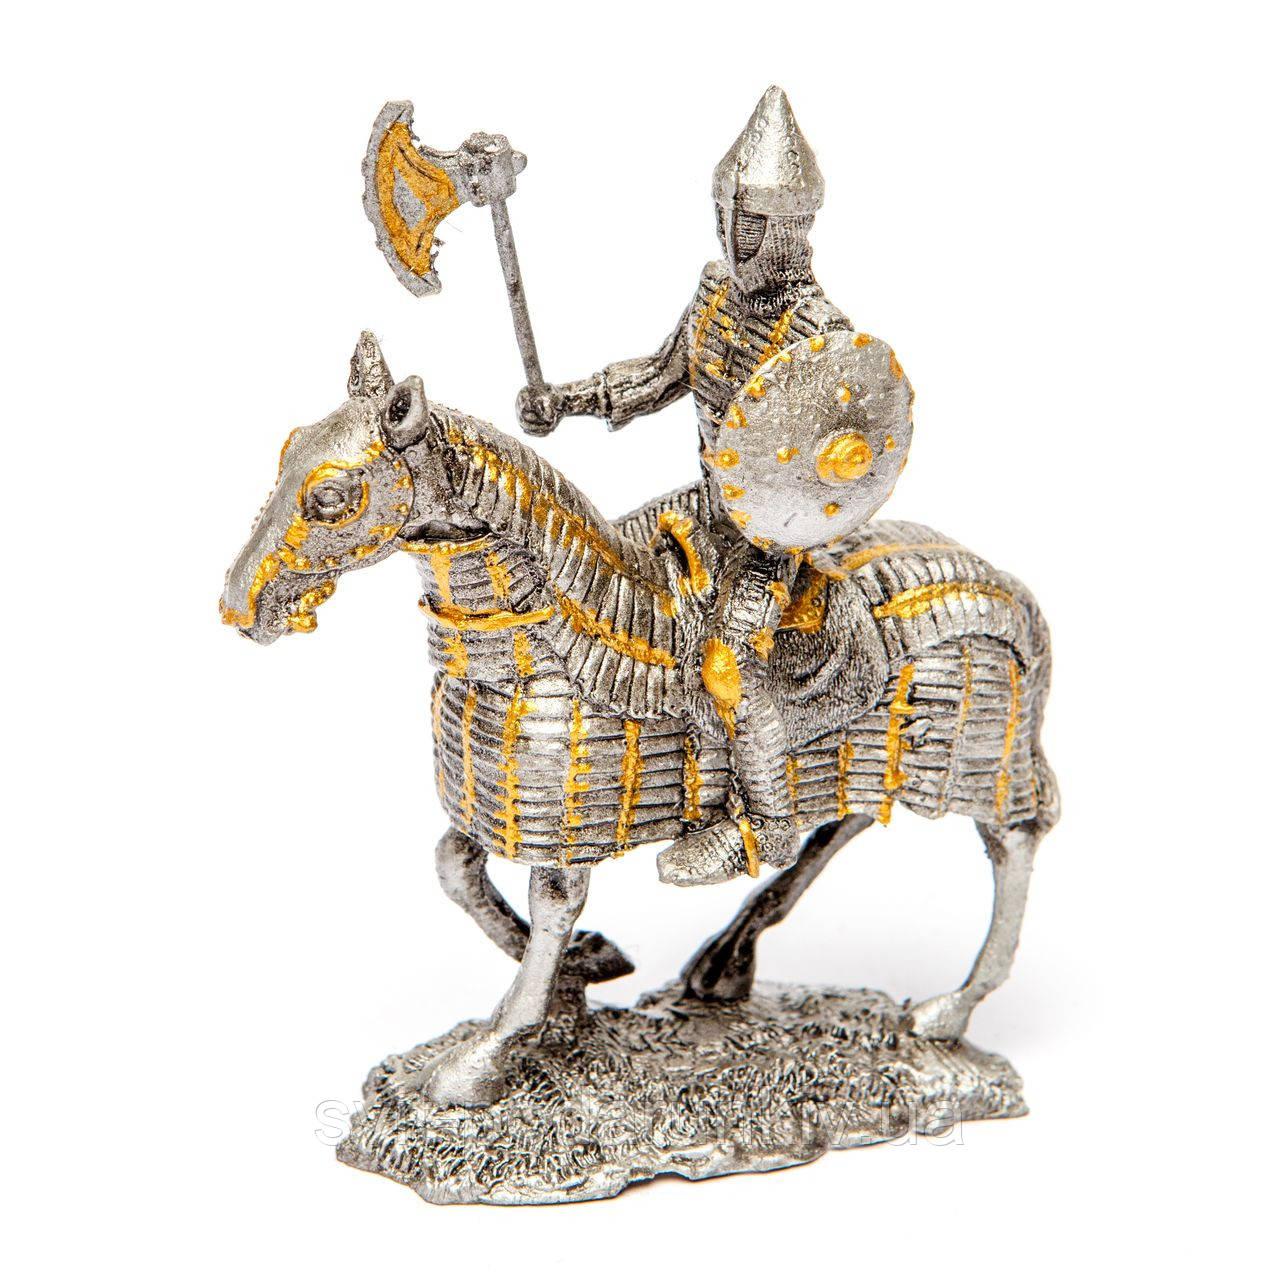 Статуэтка рыцаря на коне HHSF008